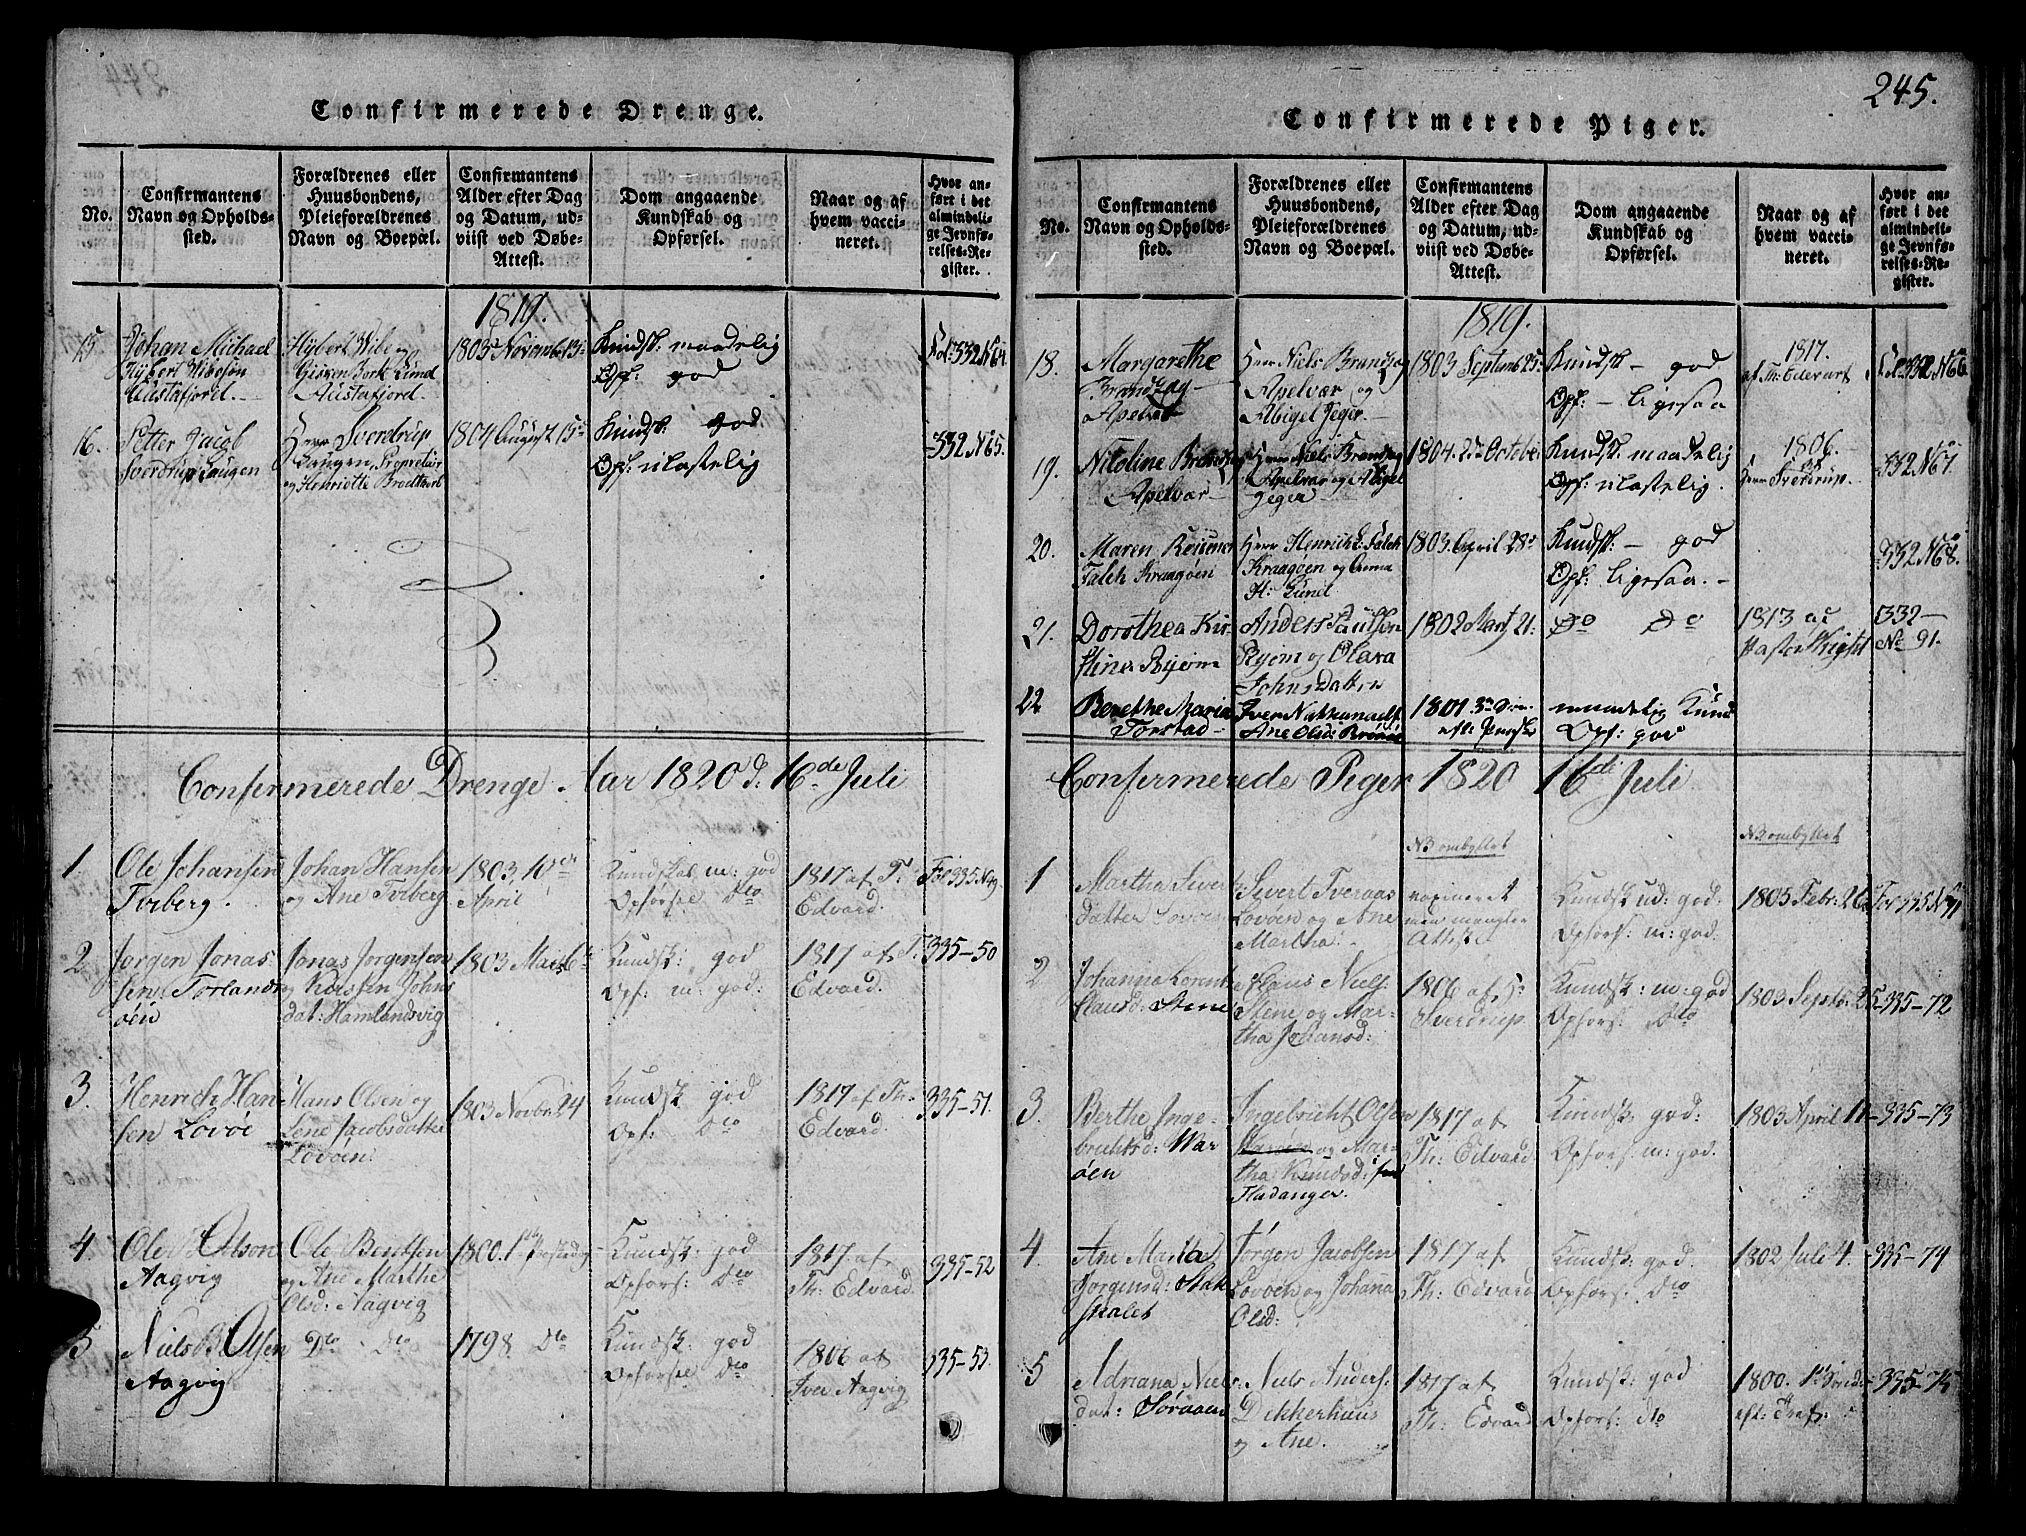 SAT, Ministerialprotokoller, klokkerbøker og fødselsregistre - Nord-Trøndelag, 784/L0667: Ministerialbok nr. 784A03 /1, 1816-1829, s. 245